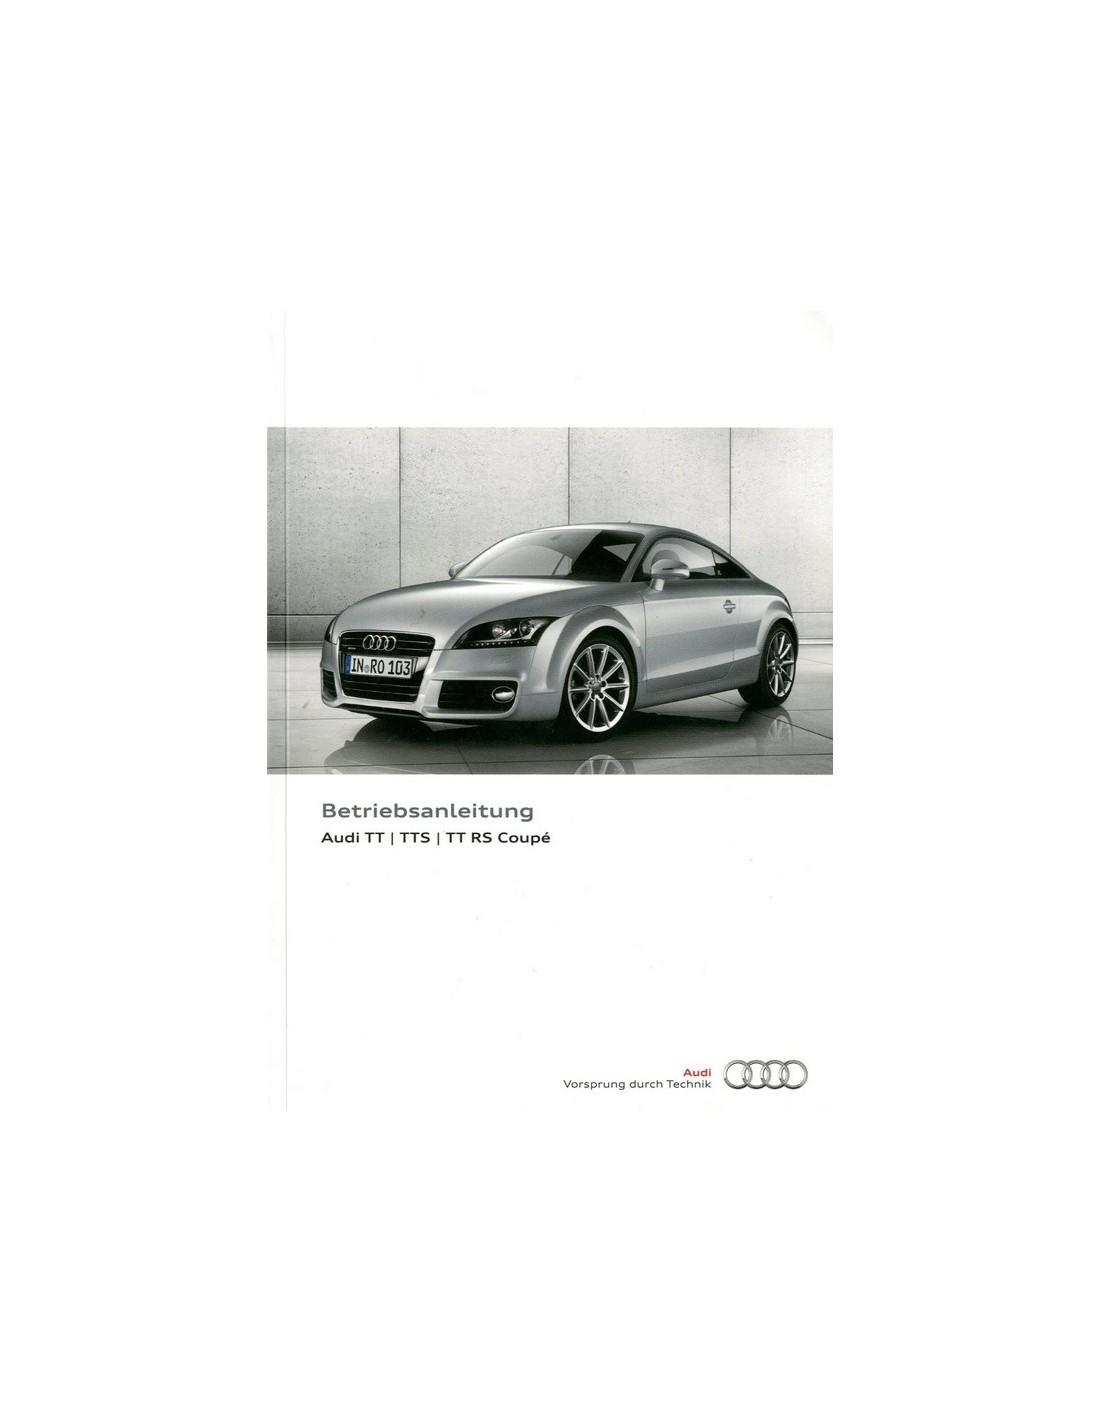 2013 audi tt tts rs coupe owner s manual german rh autolit eu